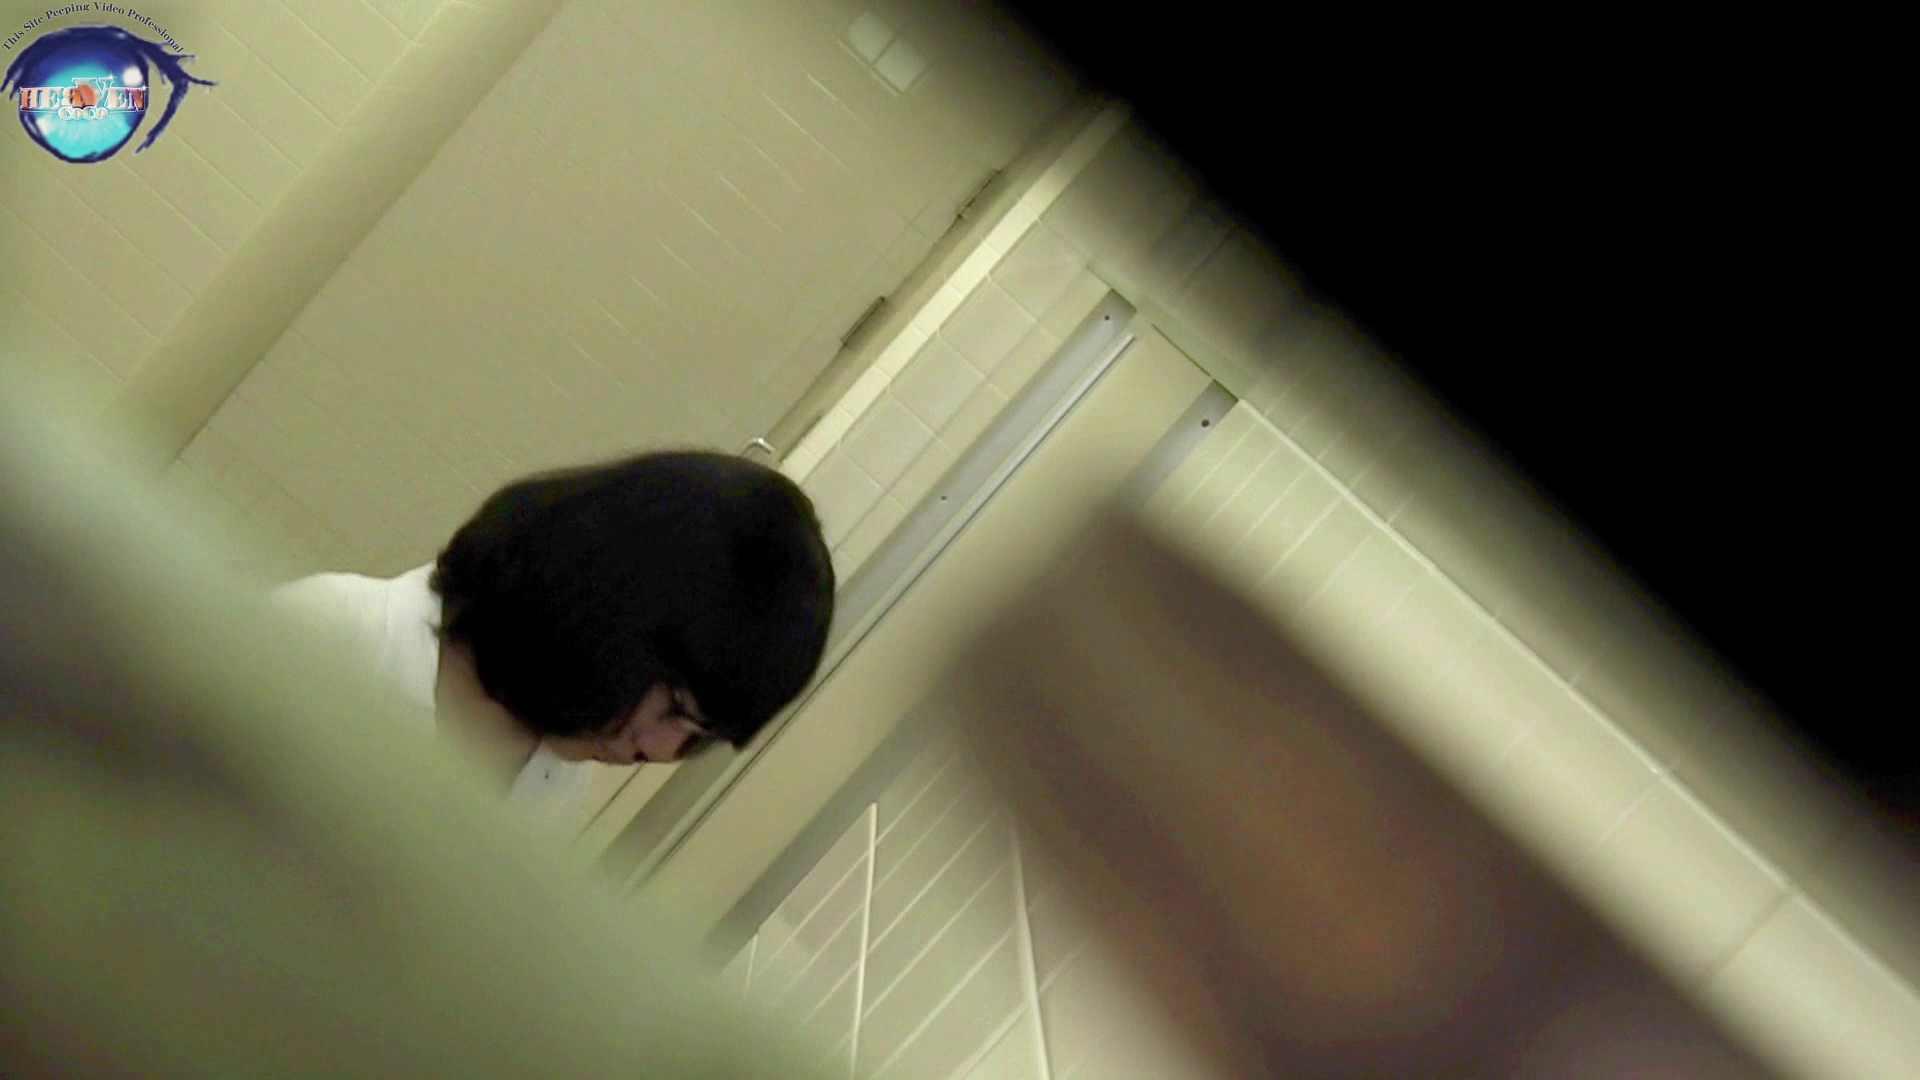 洗面所突入レポート!!お銀 vol.68 無謀に通路に飛び出て一番明るいフロント撮り実現 前編 洗面所編  86PIX 80